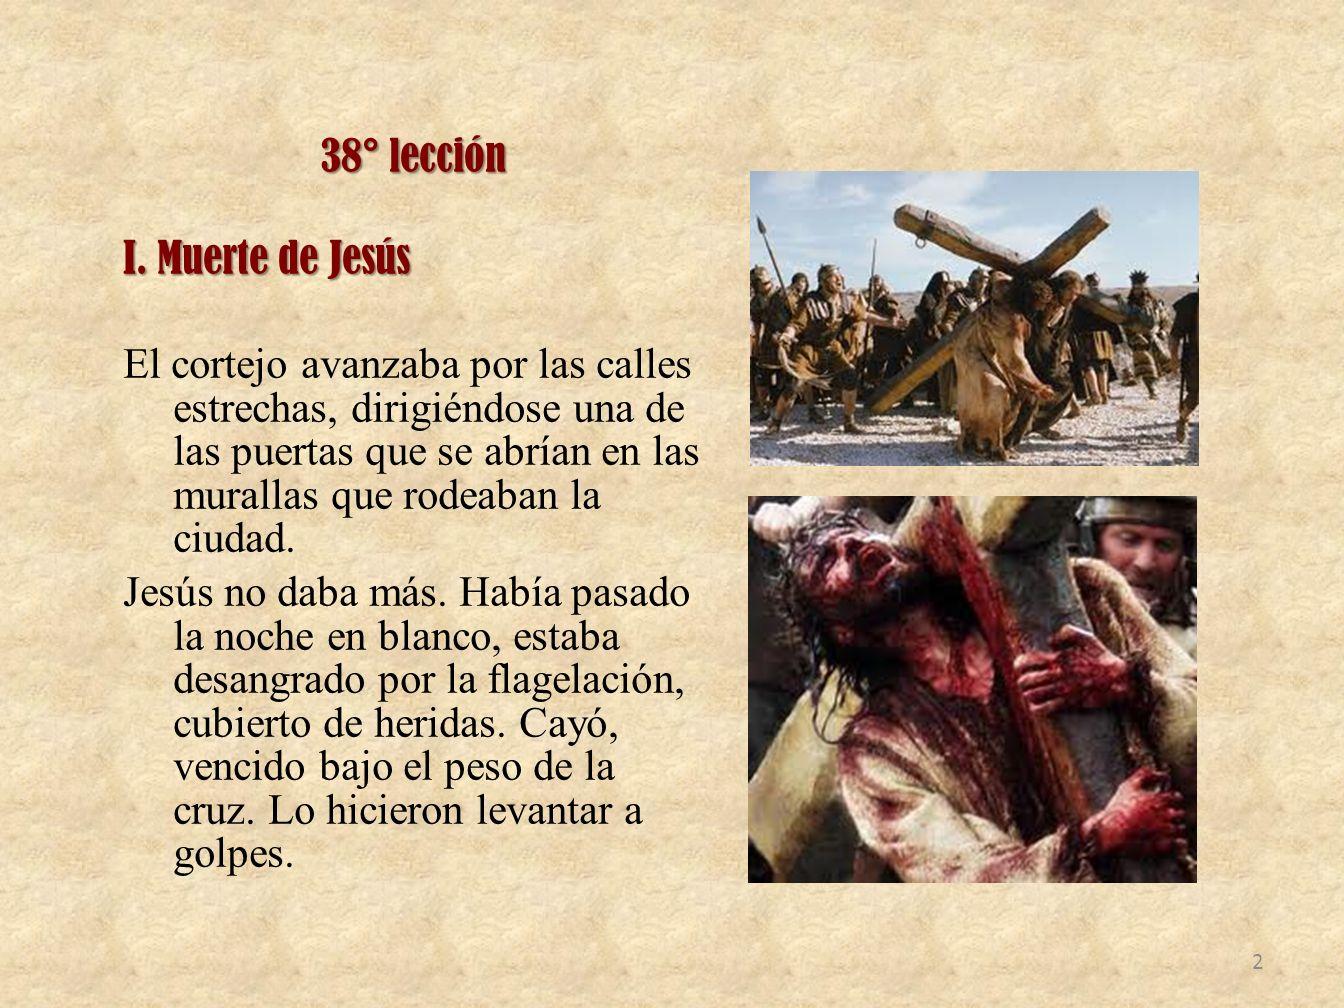 38° lección I. Muerte de Jesús El cortejo avanzaba por las calles estrechas, dirigiéndose una de las puertas que se abrían en las murallas que rodeaba